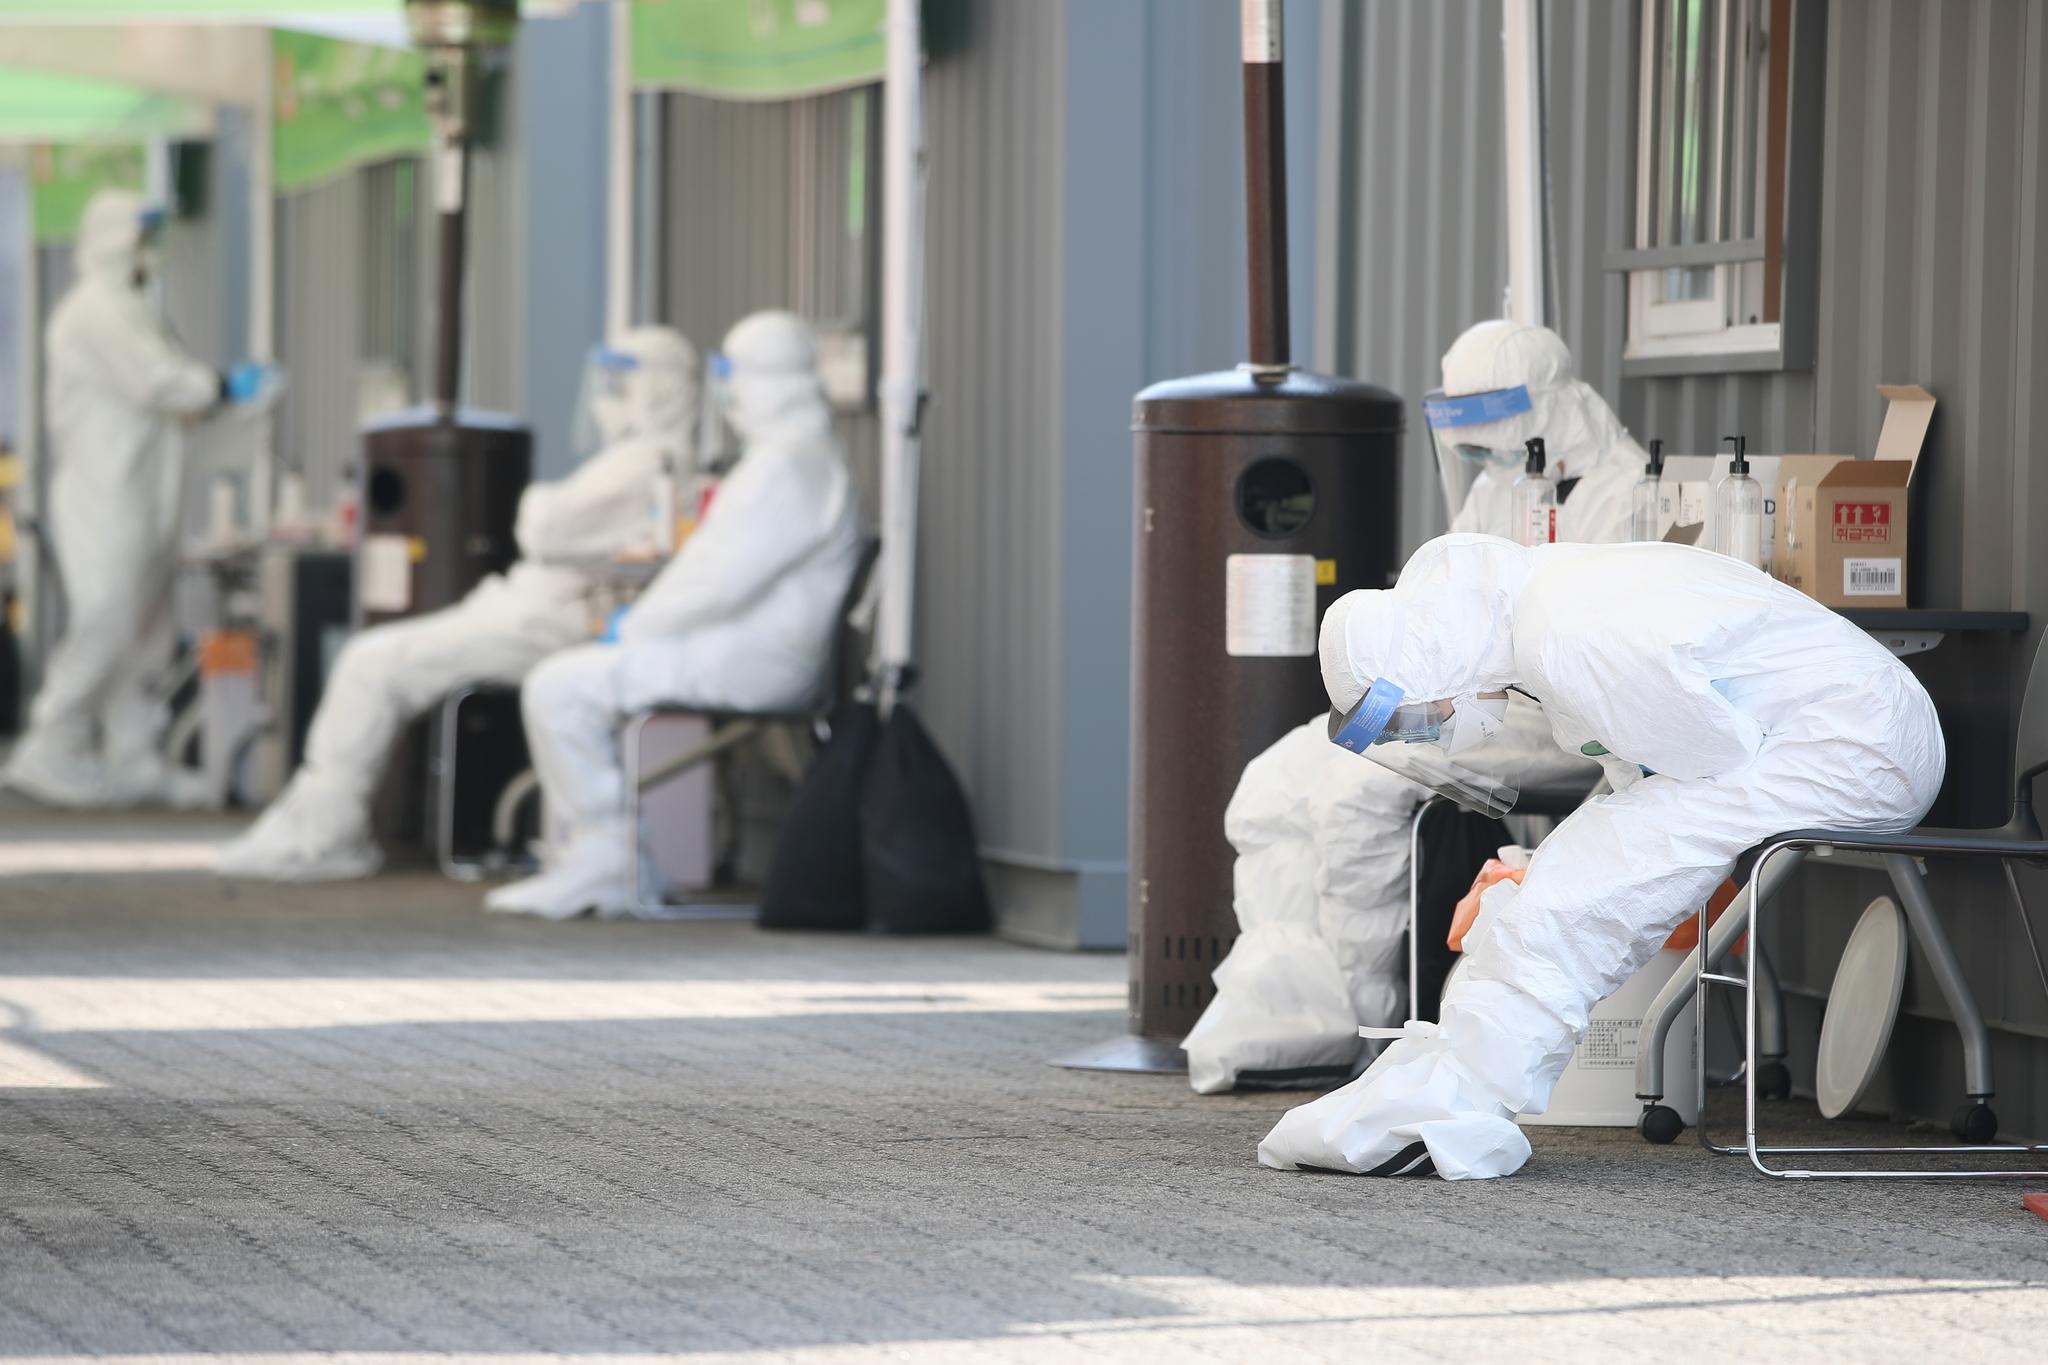 23일 오후 서울 송파구 잠실야구장에 설치된 드라이브 스루 선별진료소에서 의료진이 의자에 앉아 잠시 쉬고 있다. 연합뉴스